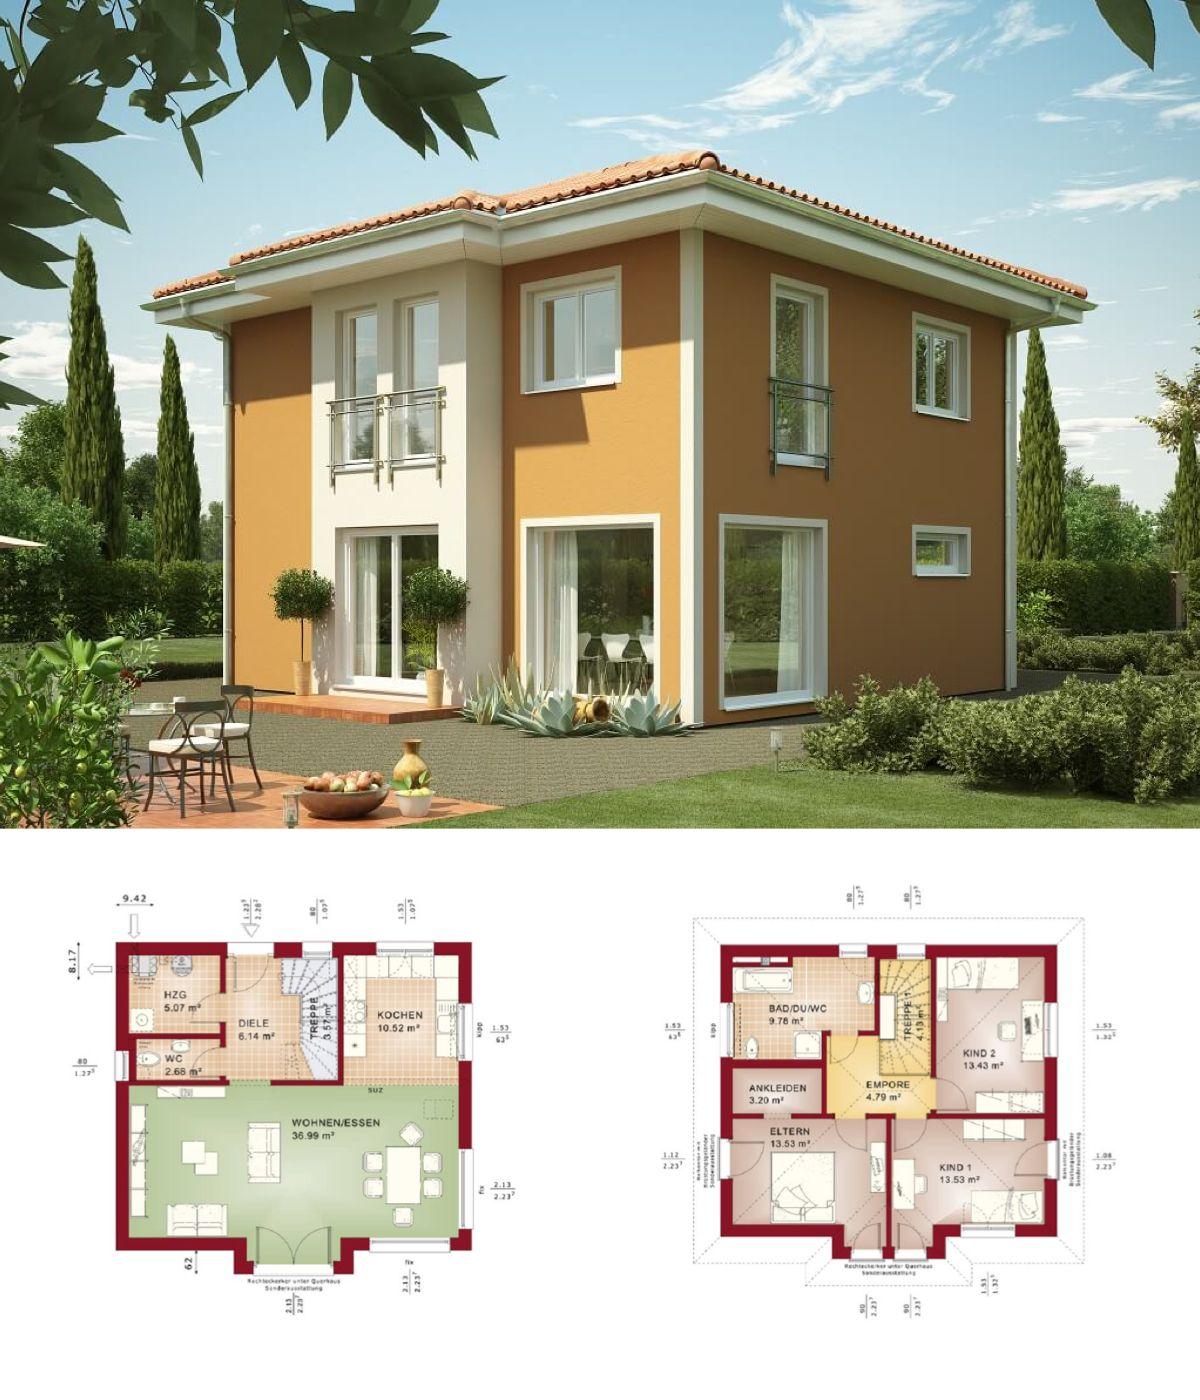 klassische stadtvilla mit walmdach haus evolution 125 v6 bien zenker grundriss mediterran fertighaus einfamilienhaus - Fantastisch Haus Bauen Ideen Mediterran